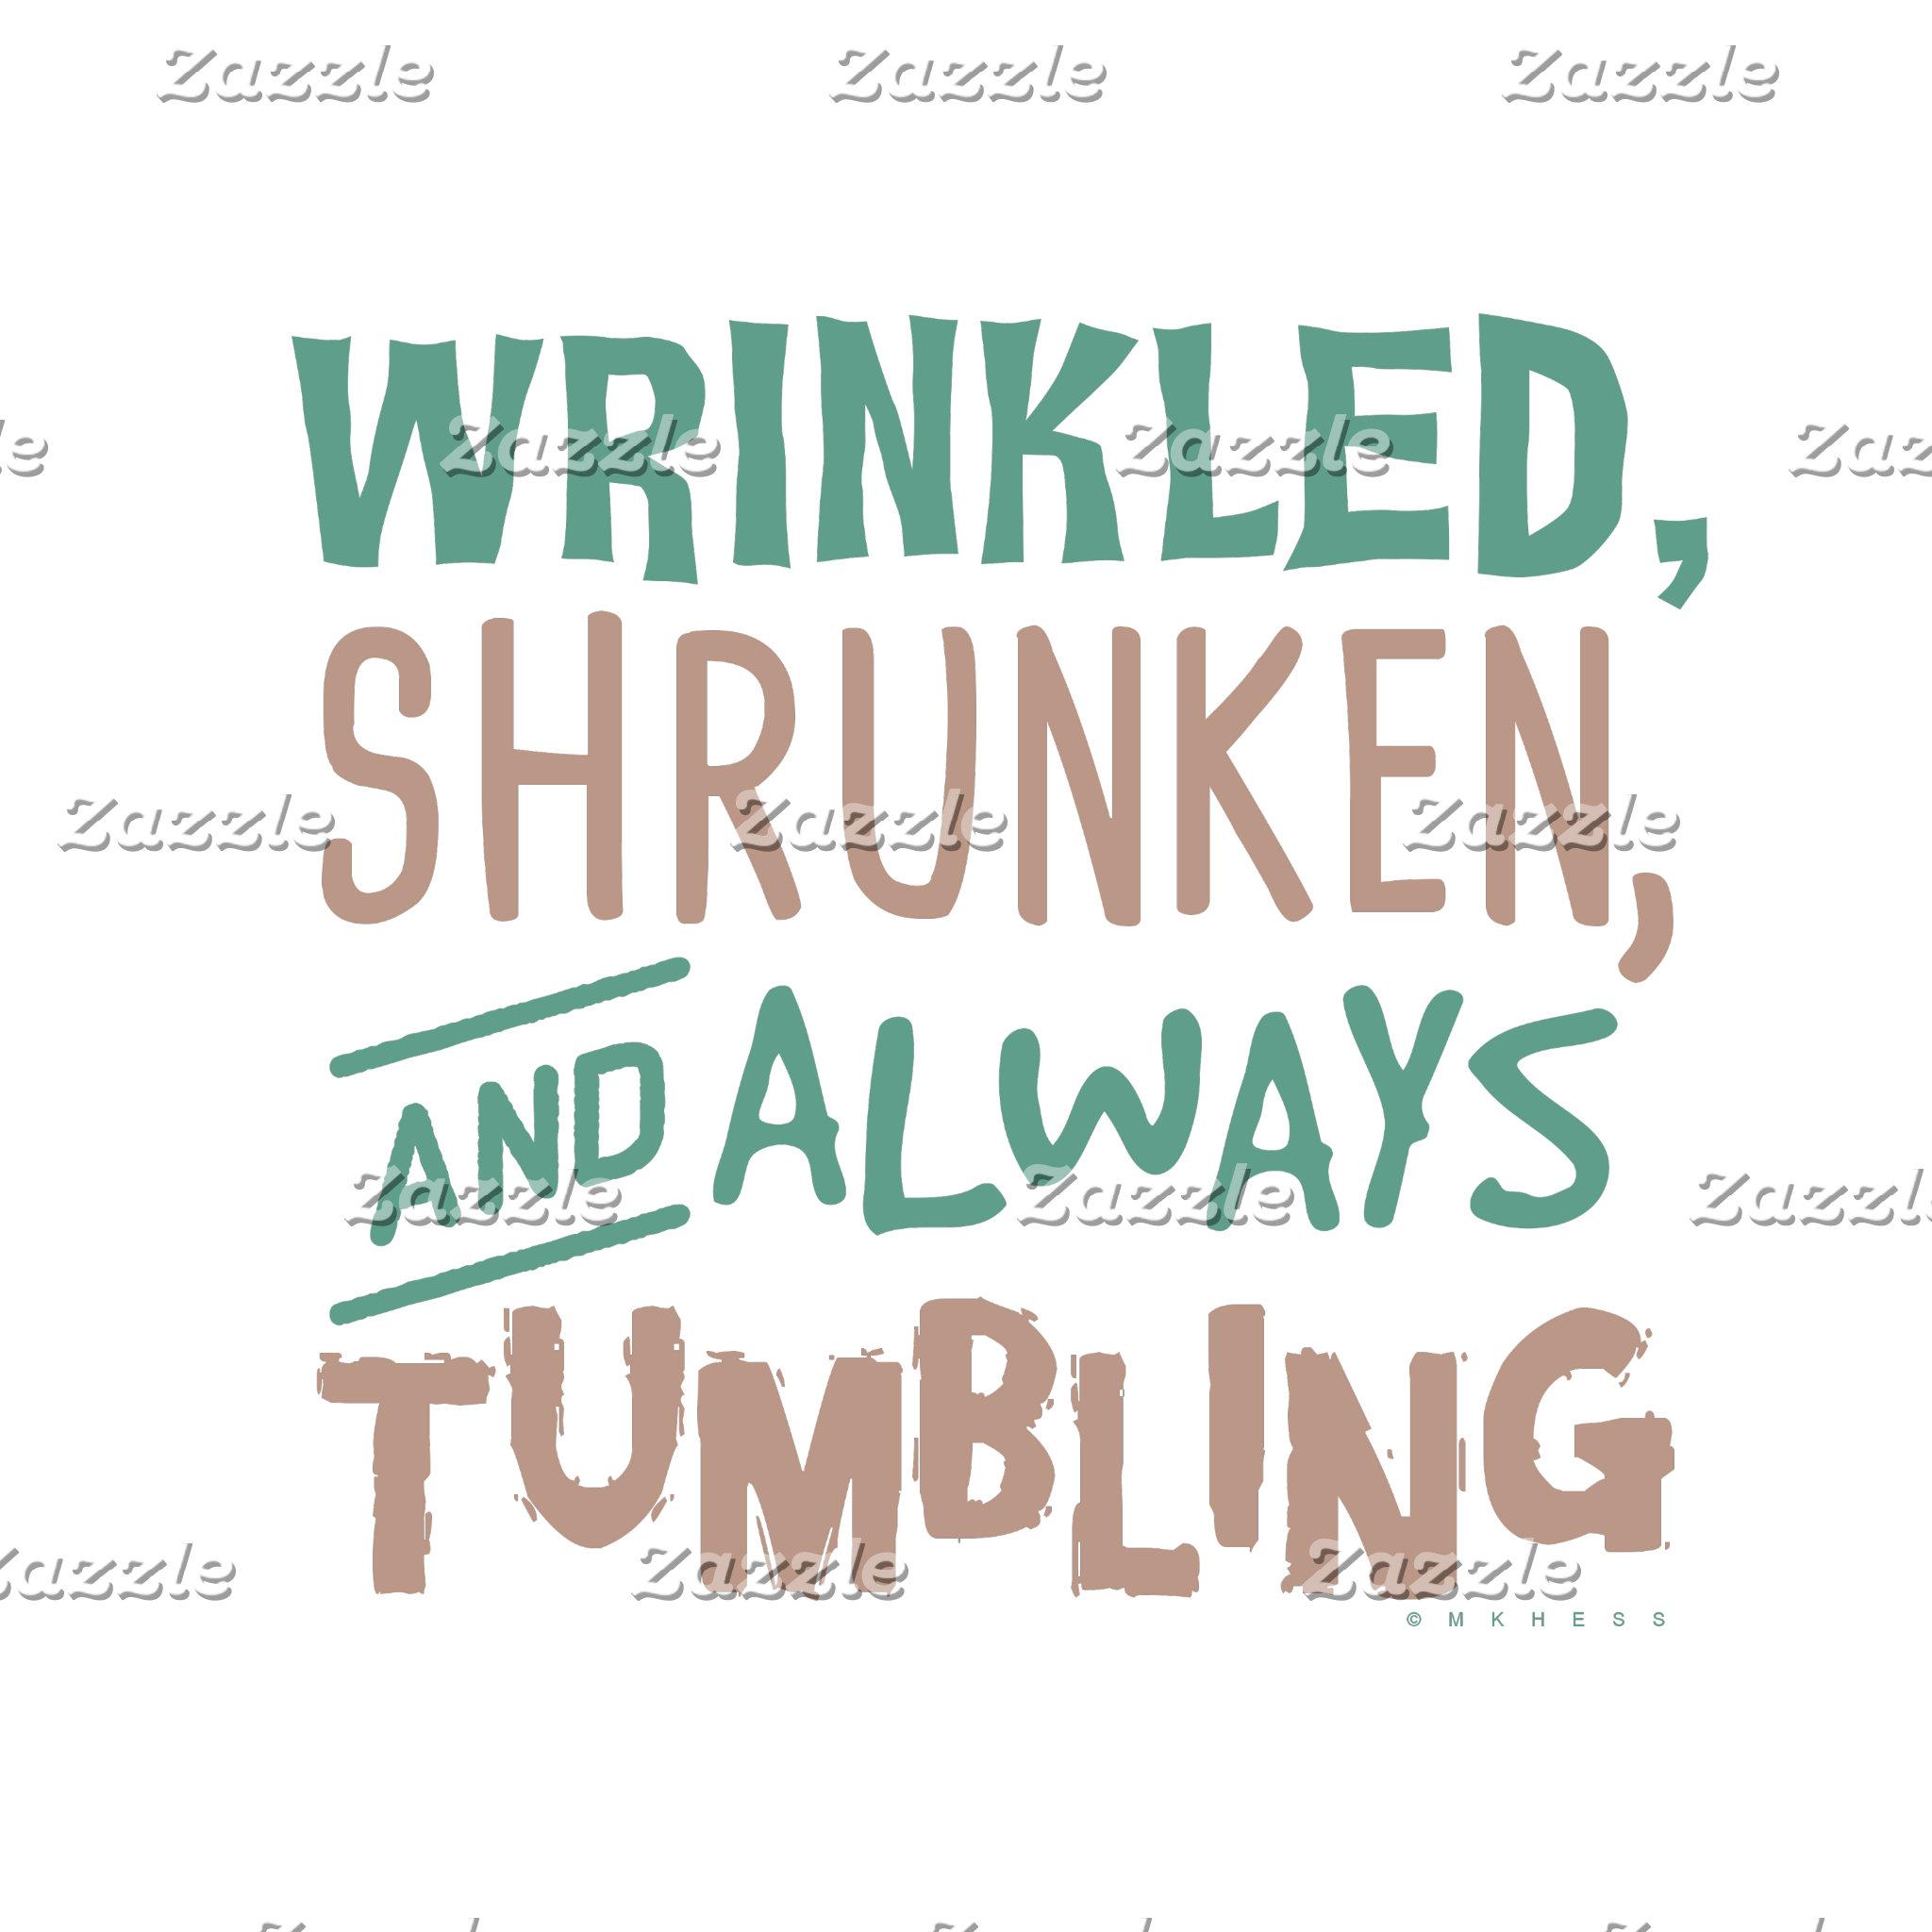 Wrinkled Shrunken and Always Tumbling